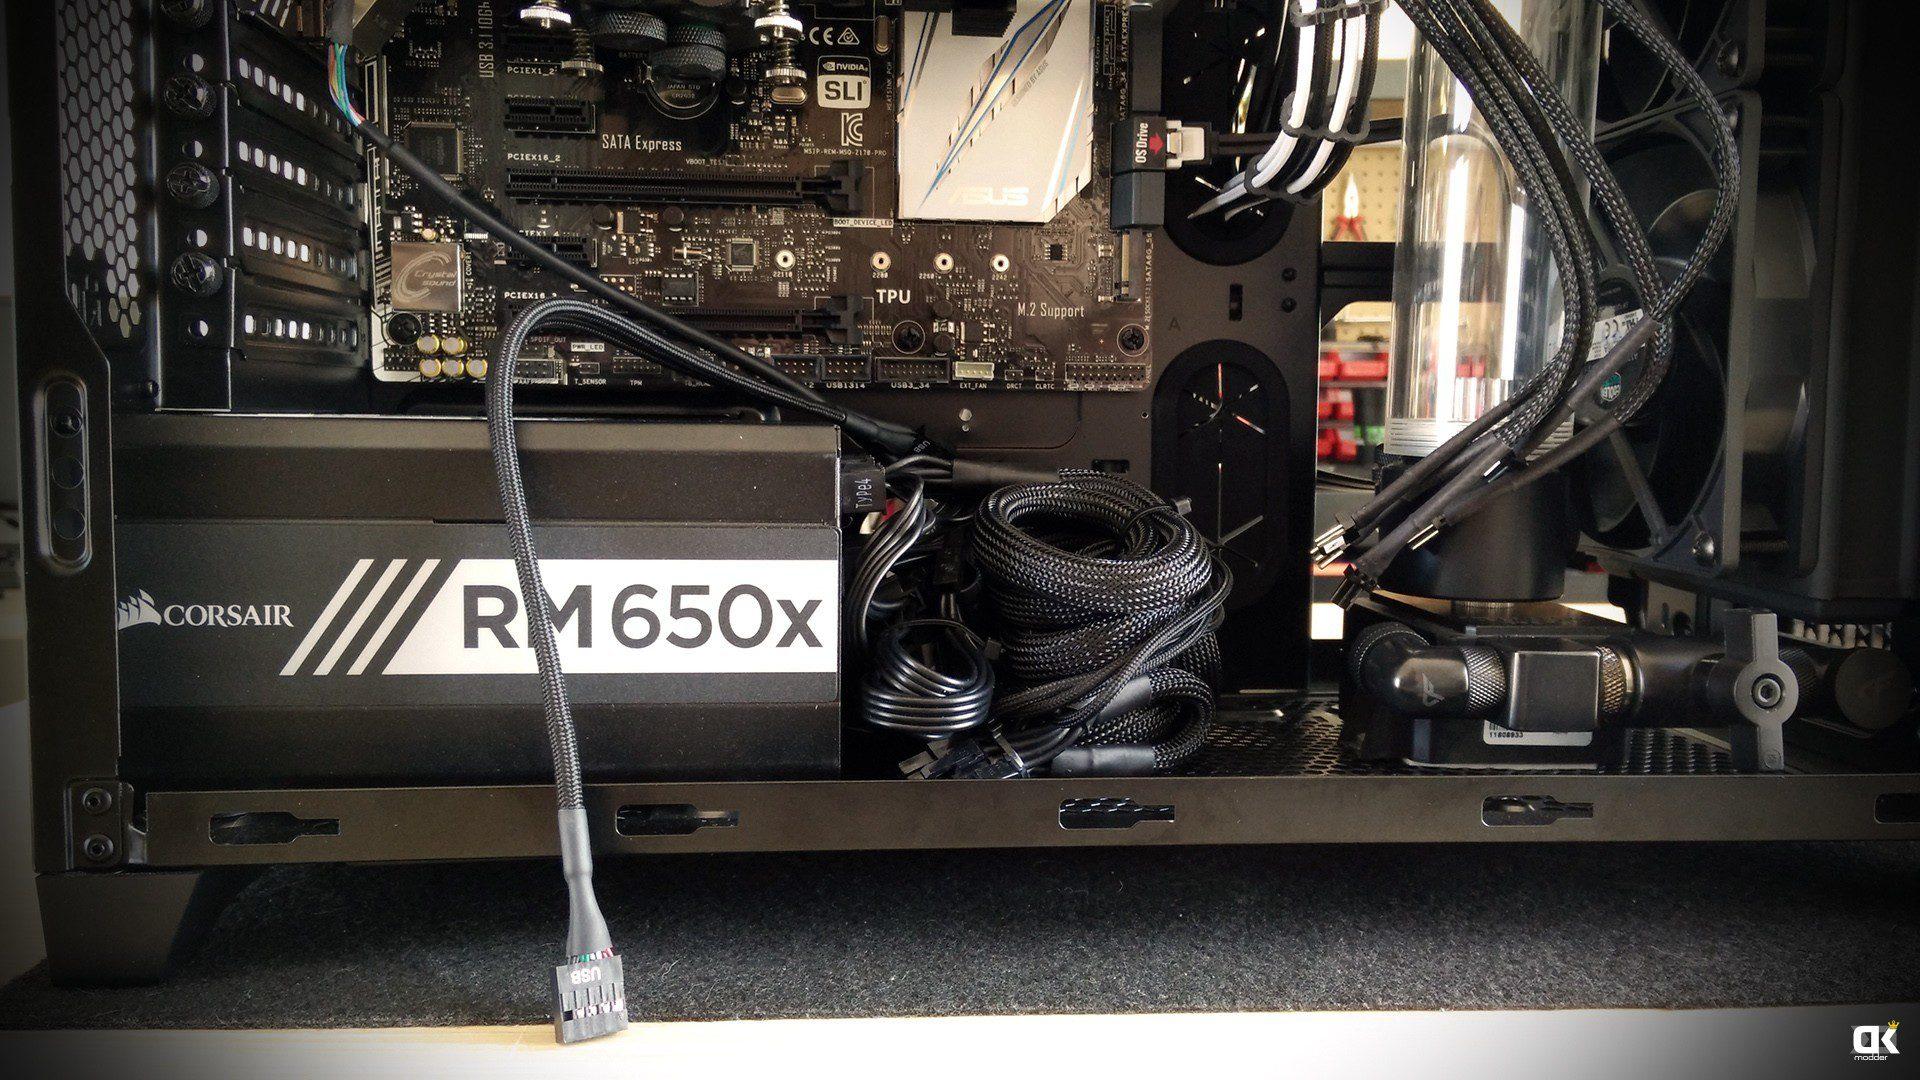 b263505cae8 ... Dagosal PC